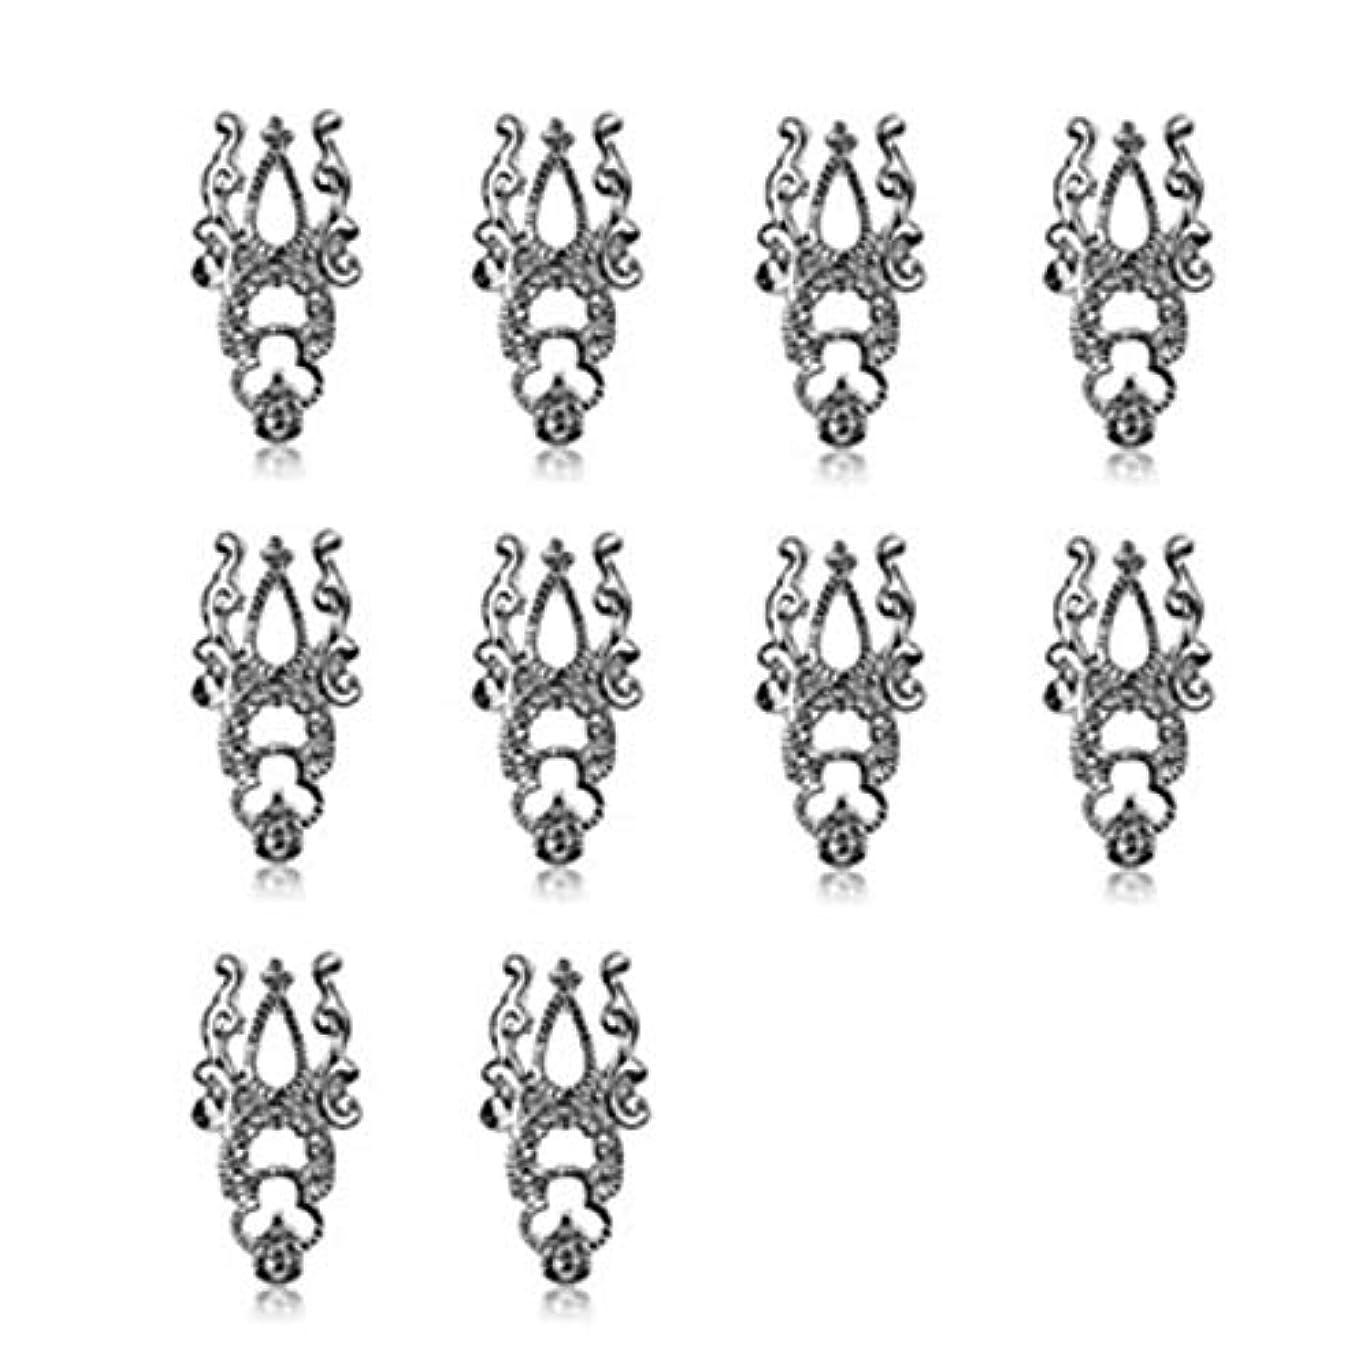 凍った刺します浮く10ピース3d中空ネイルアート合金のヒント装飾ジュエリーキラキララインストーン,Silver